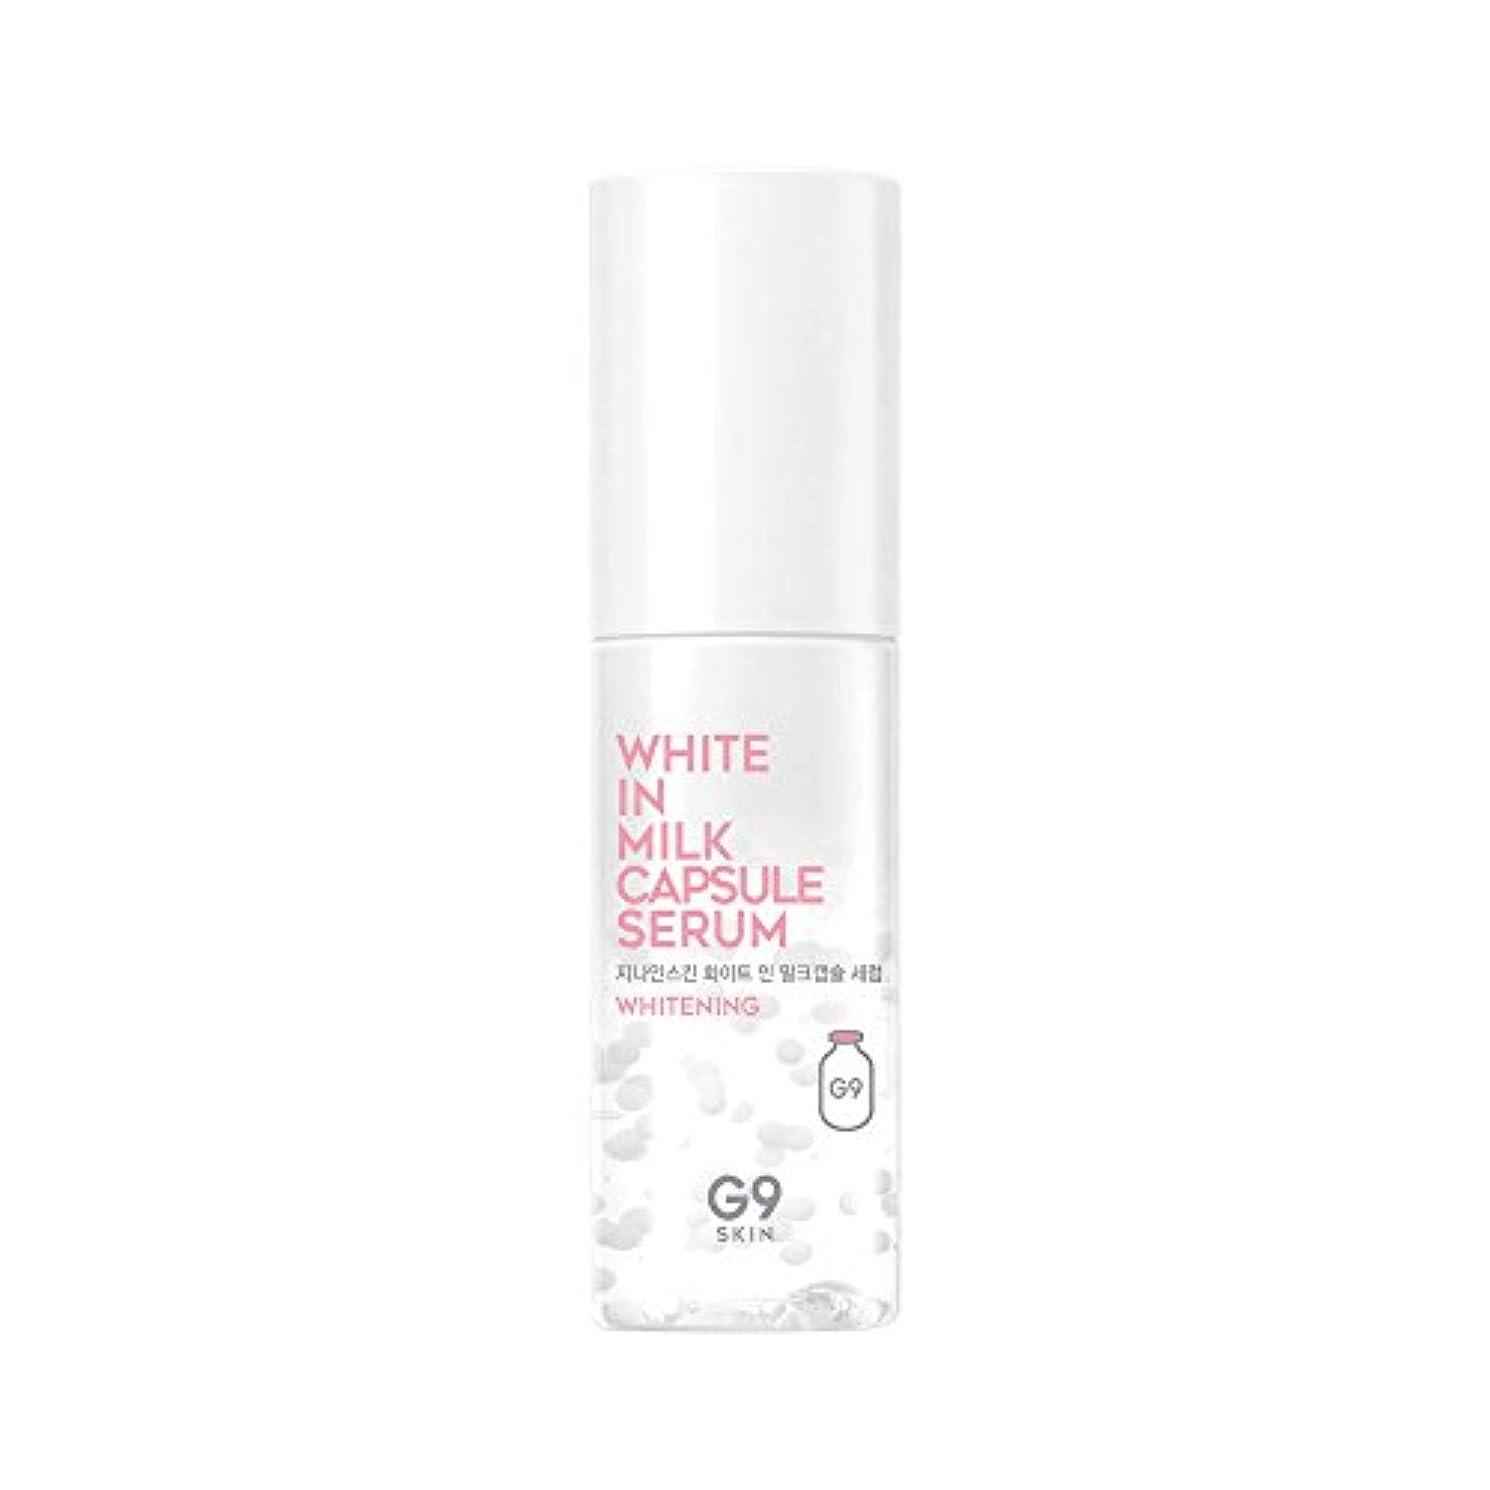 不実発生隣人G9SKIN(ベリサム) White In Milk Capsule Serum ホワイインミルクカプセルセラム 50ml